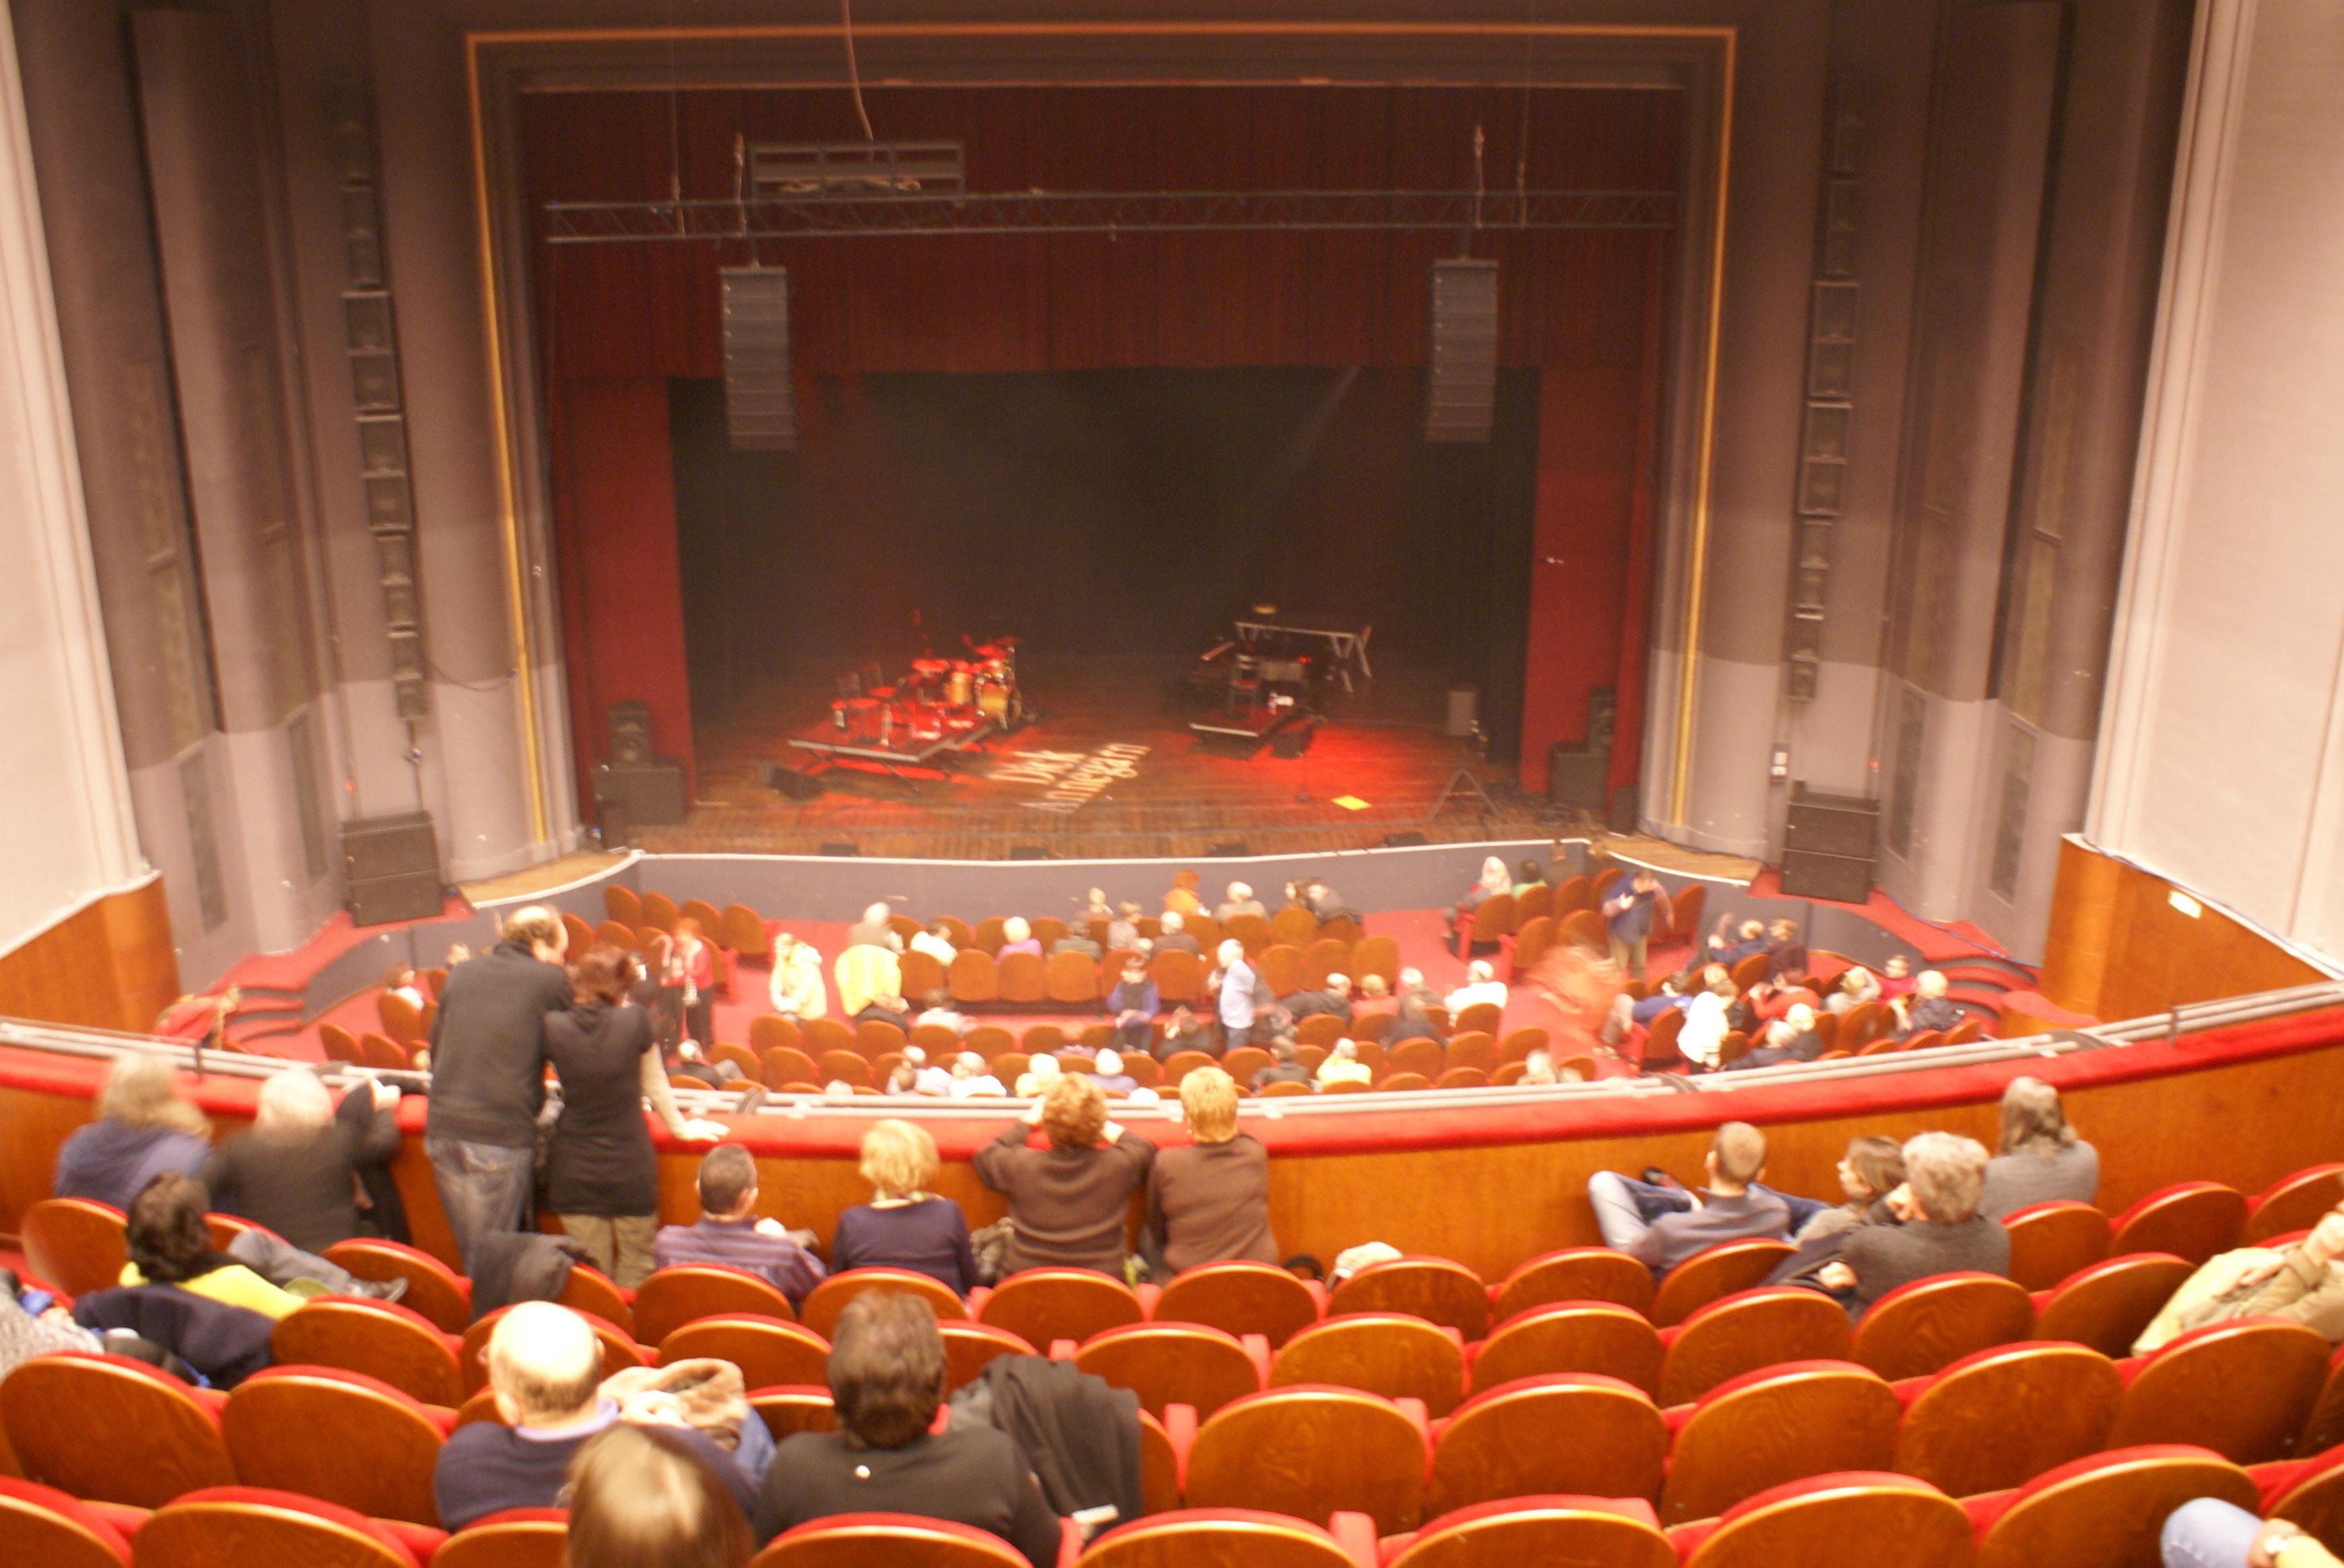 theatredick